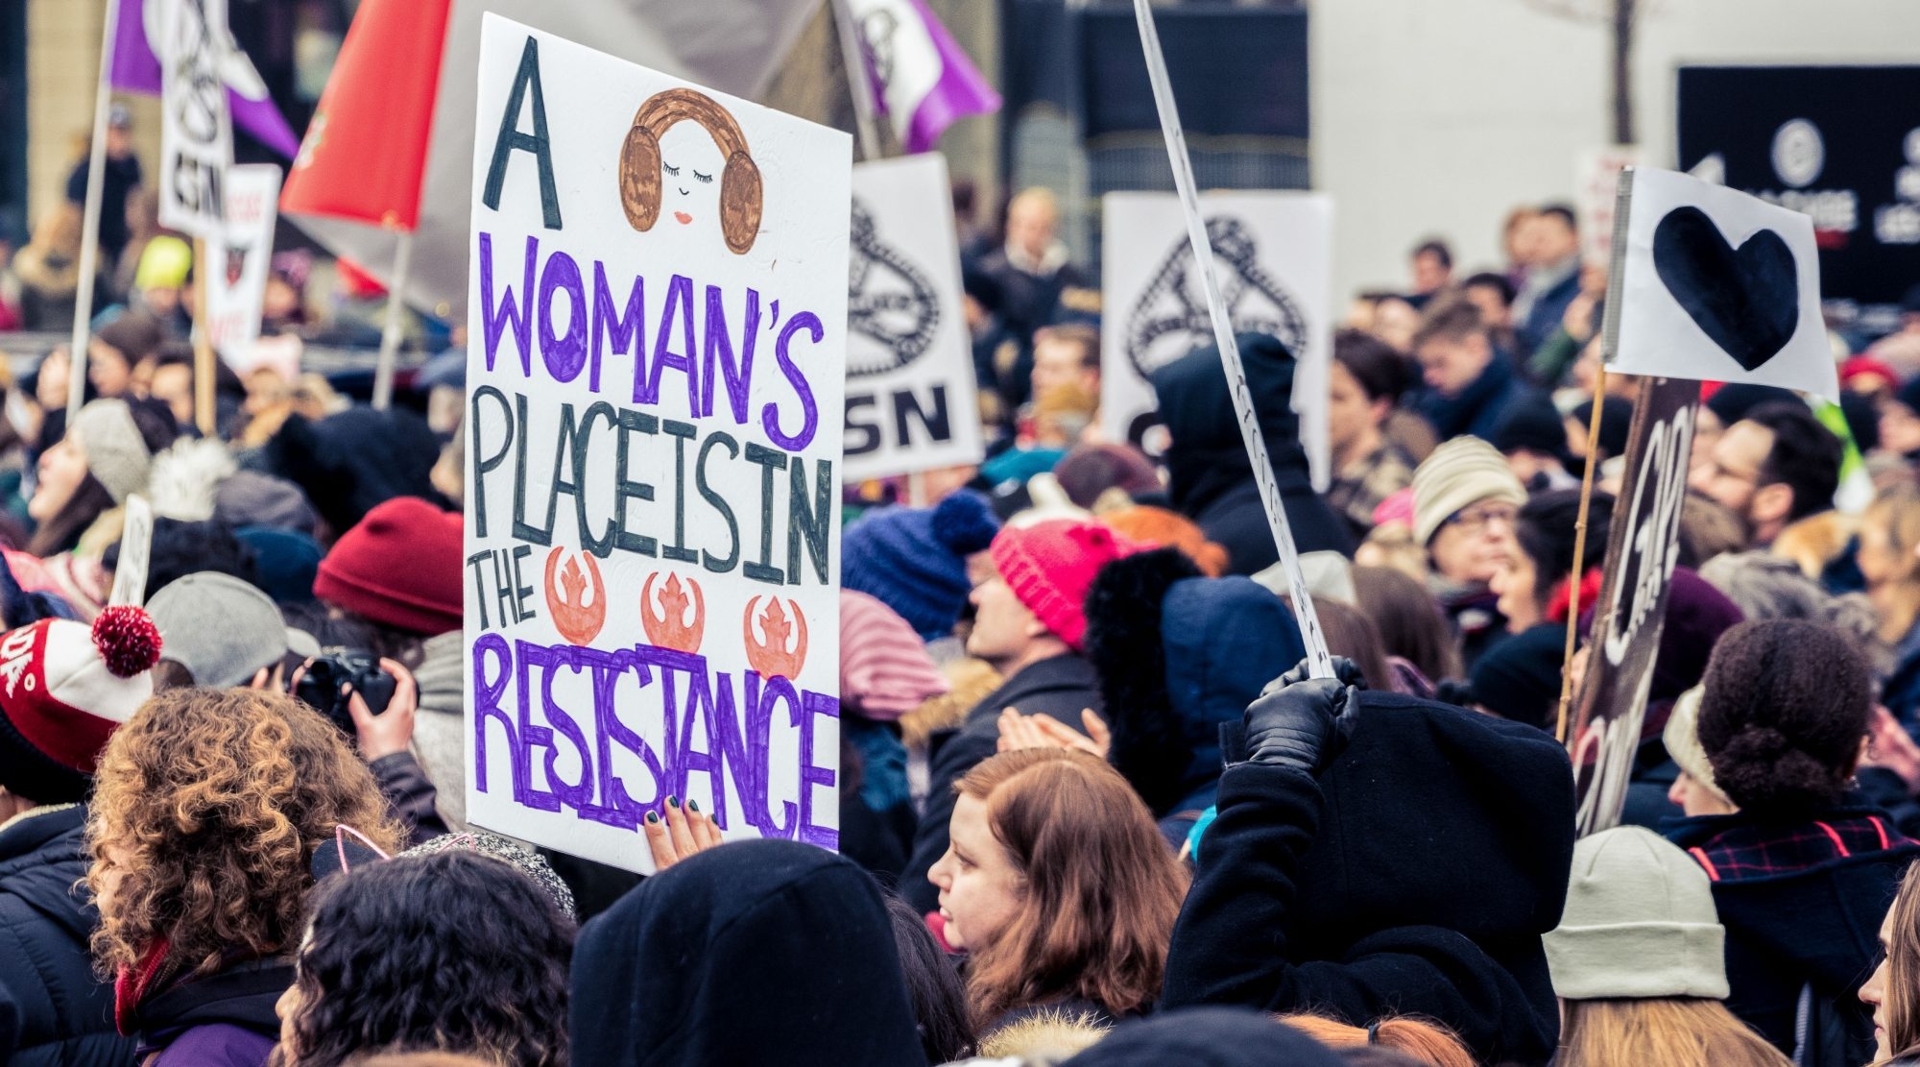 Des ateliers pour promouvoir le féminisme et le respect